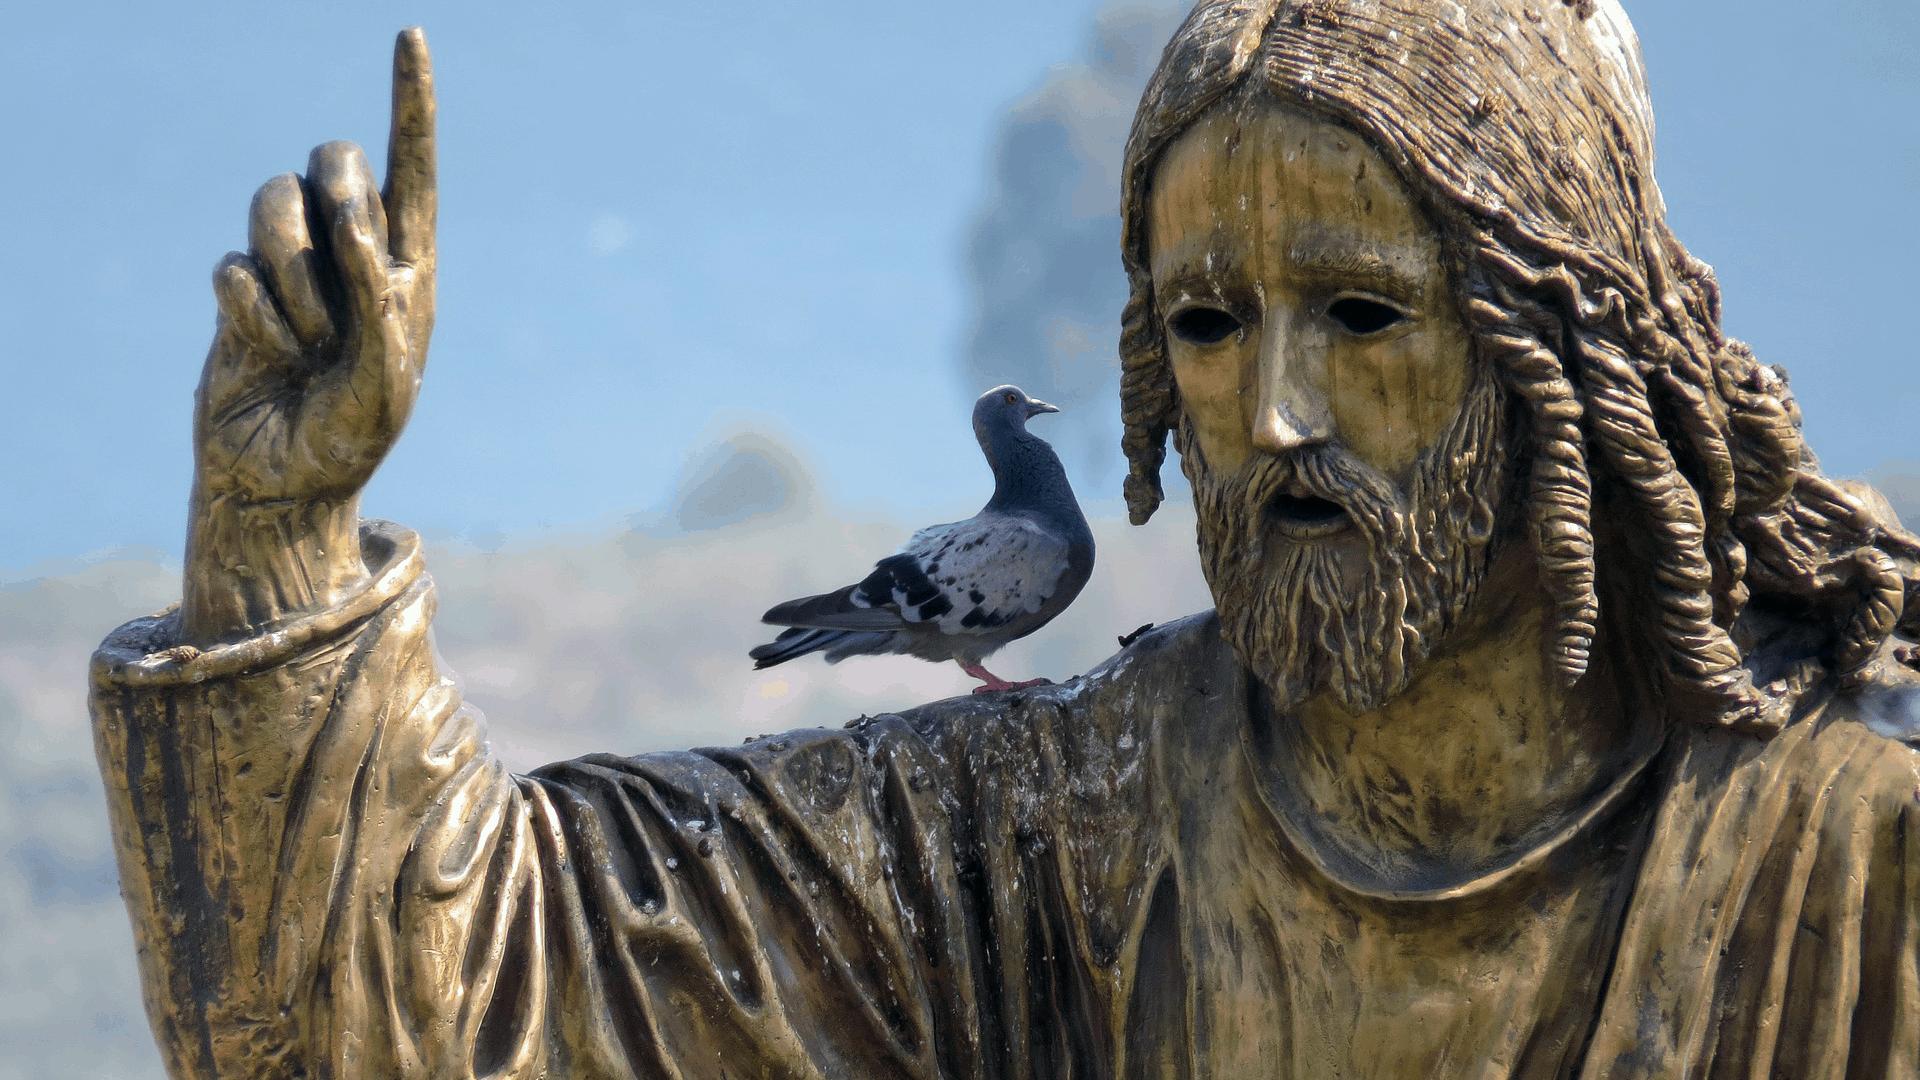 jezus-galilea-israel-zaligsprekingen-retraite-olv-ter-nood-heiloo